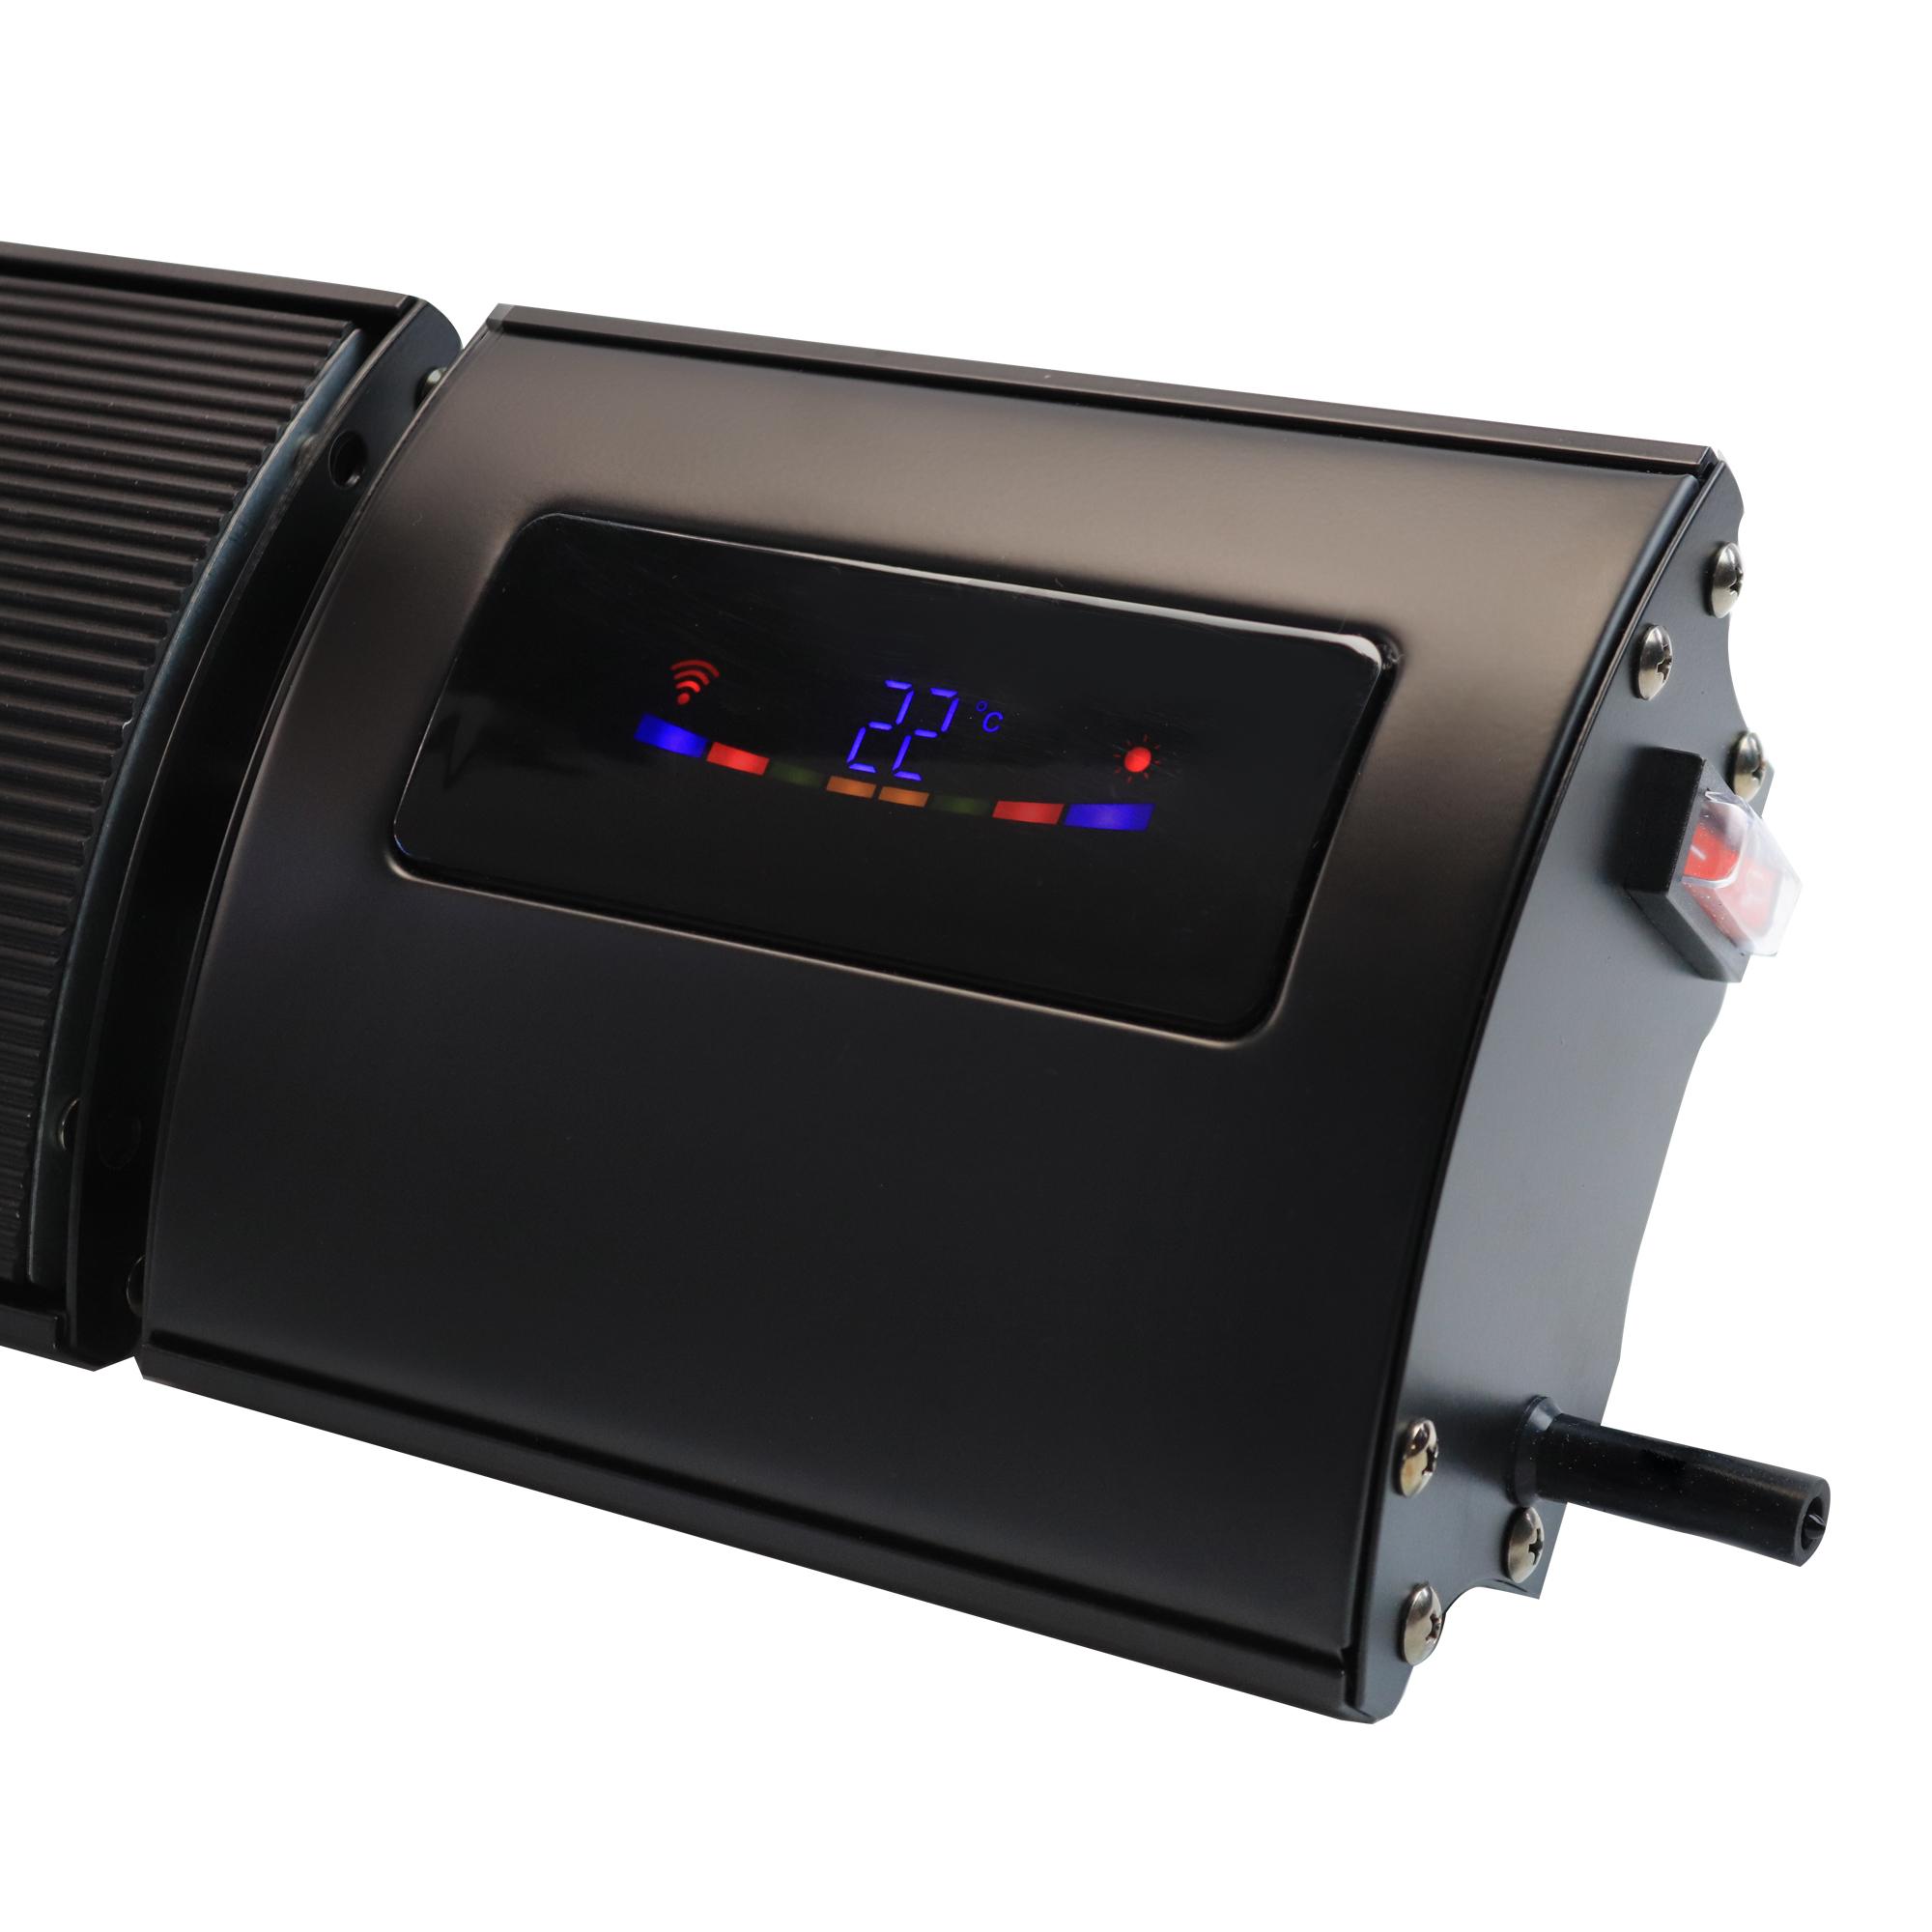 Surya Infrared Bar Heater